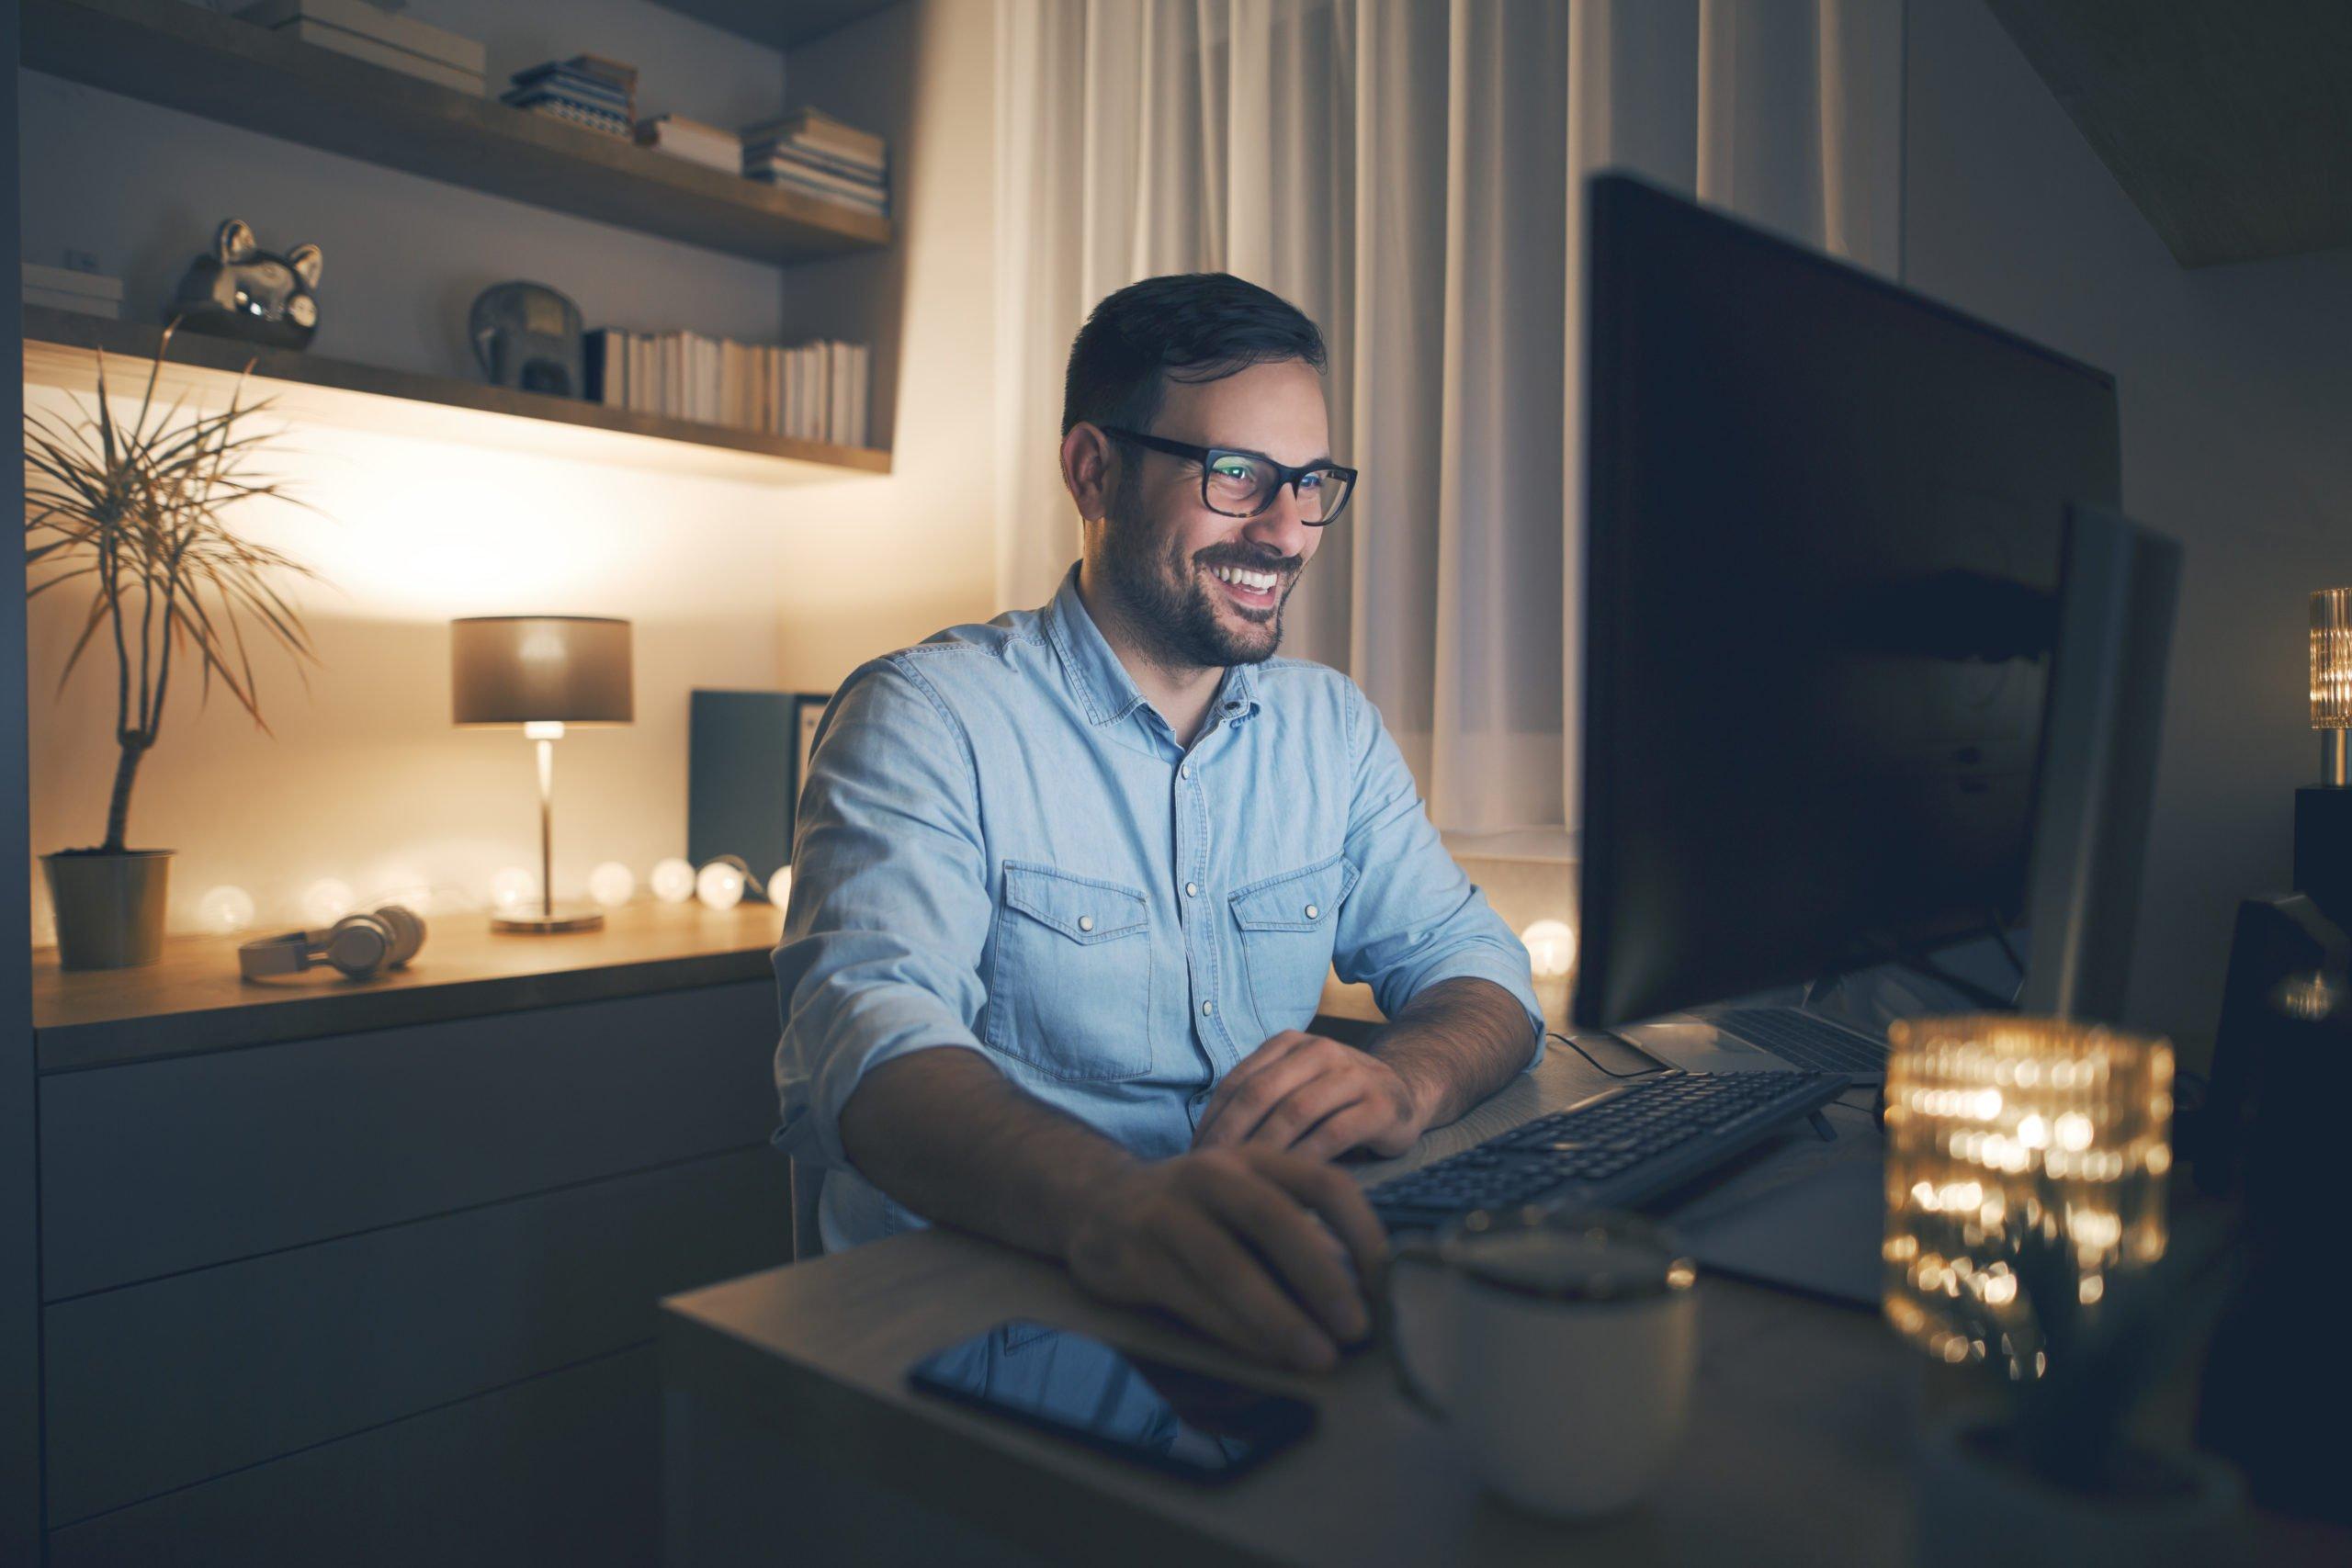 praca, komputer, gry, dom, technologia